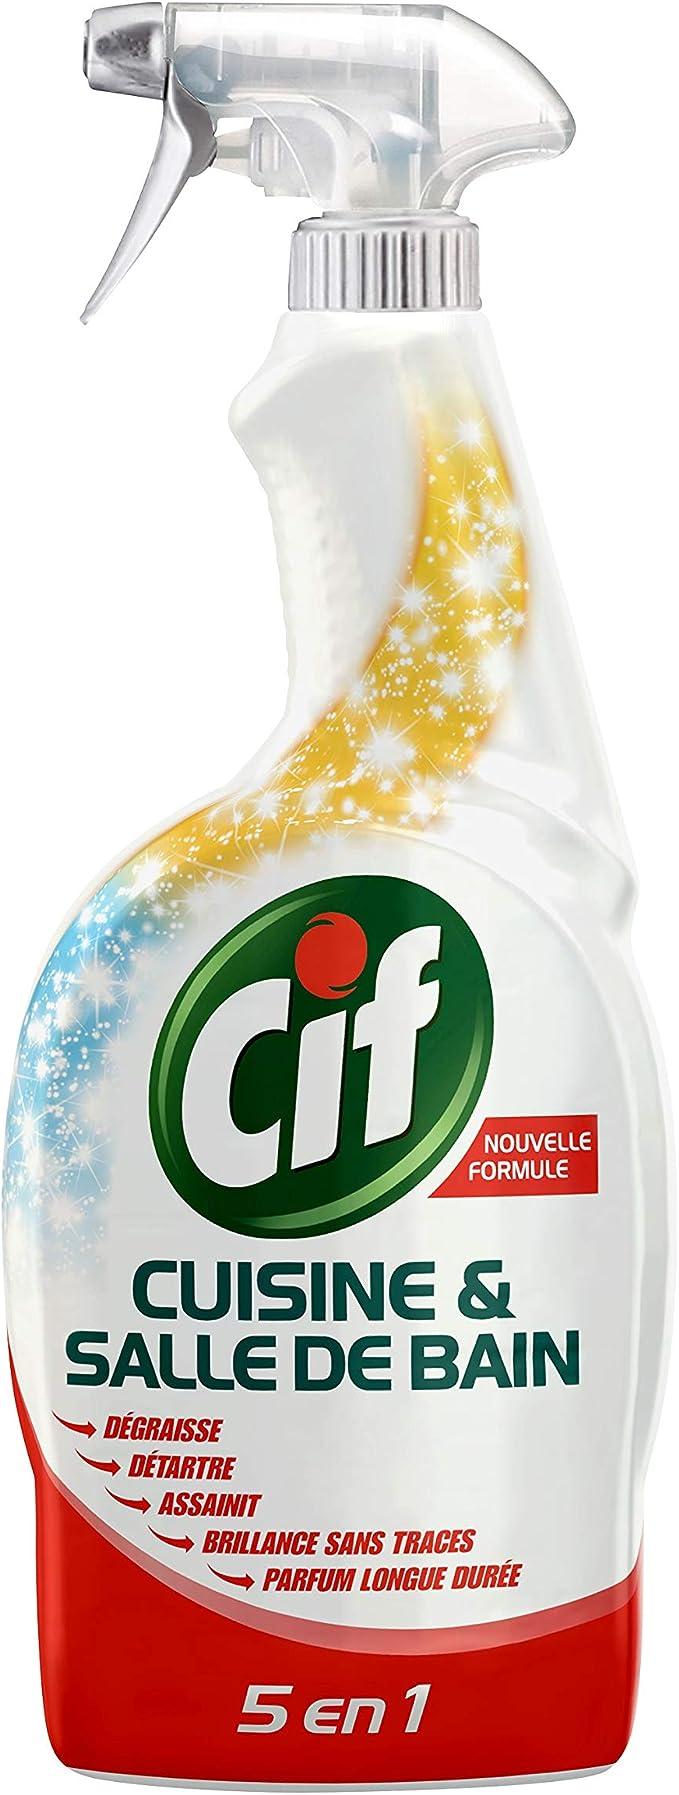 Cif-Pistola De Spray Limpiador De Cocina Y Cuarto De Baño, 20 Ml